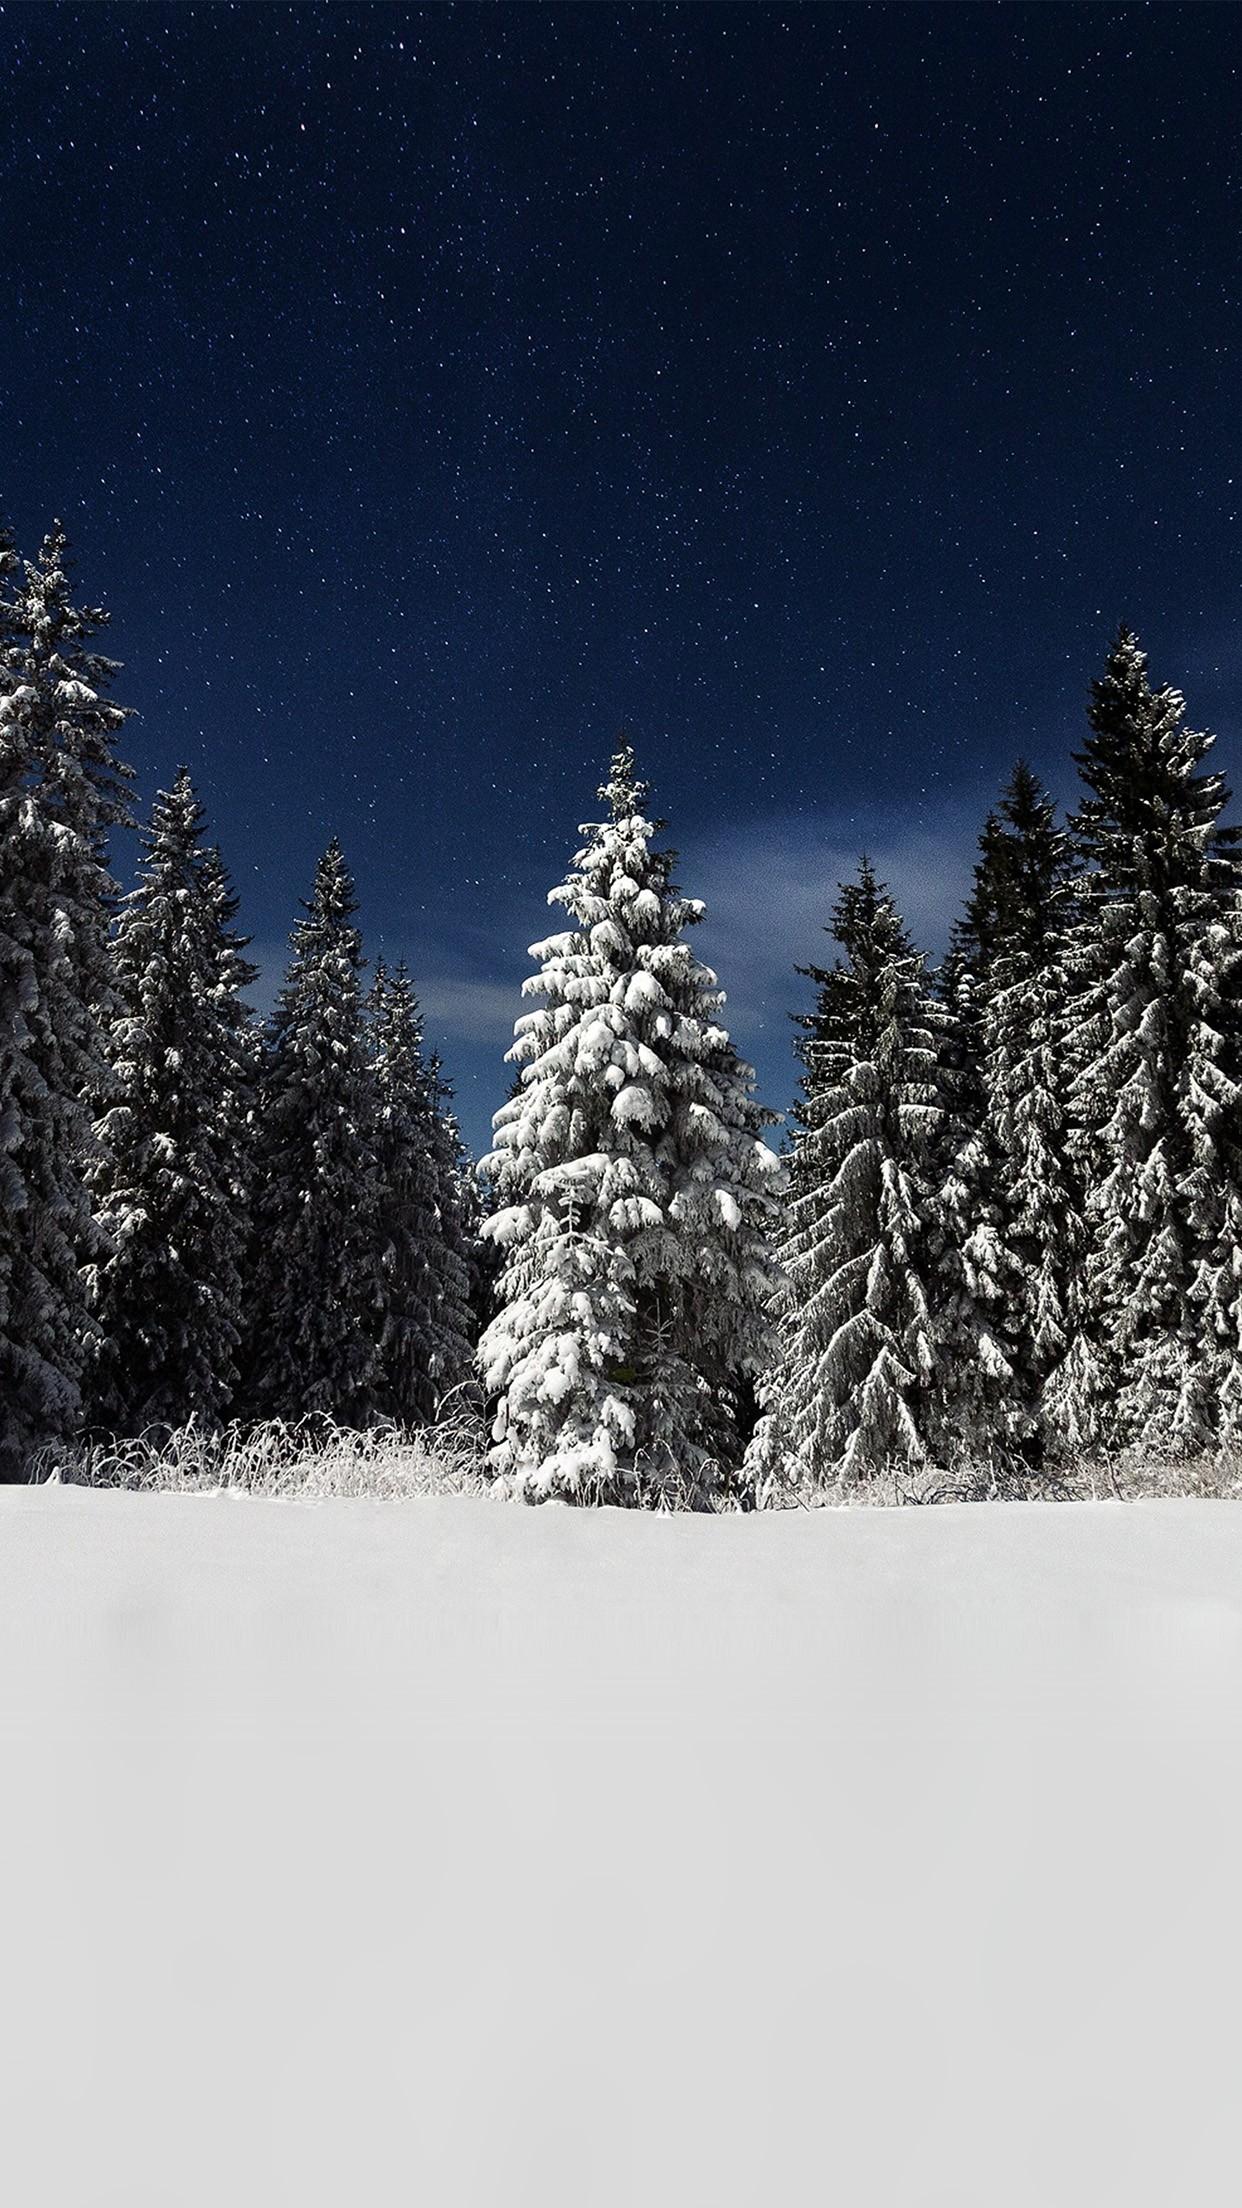 Snow Winter Wood Mountain Sky Star Night